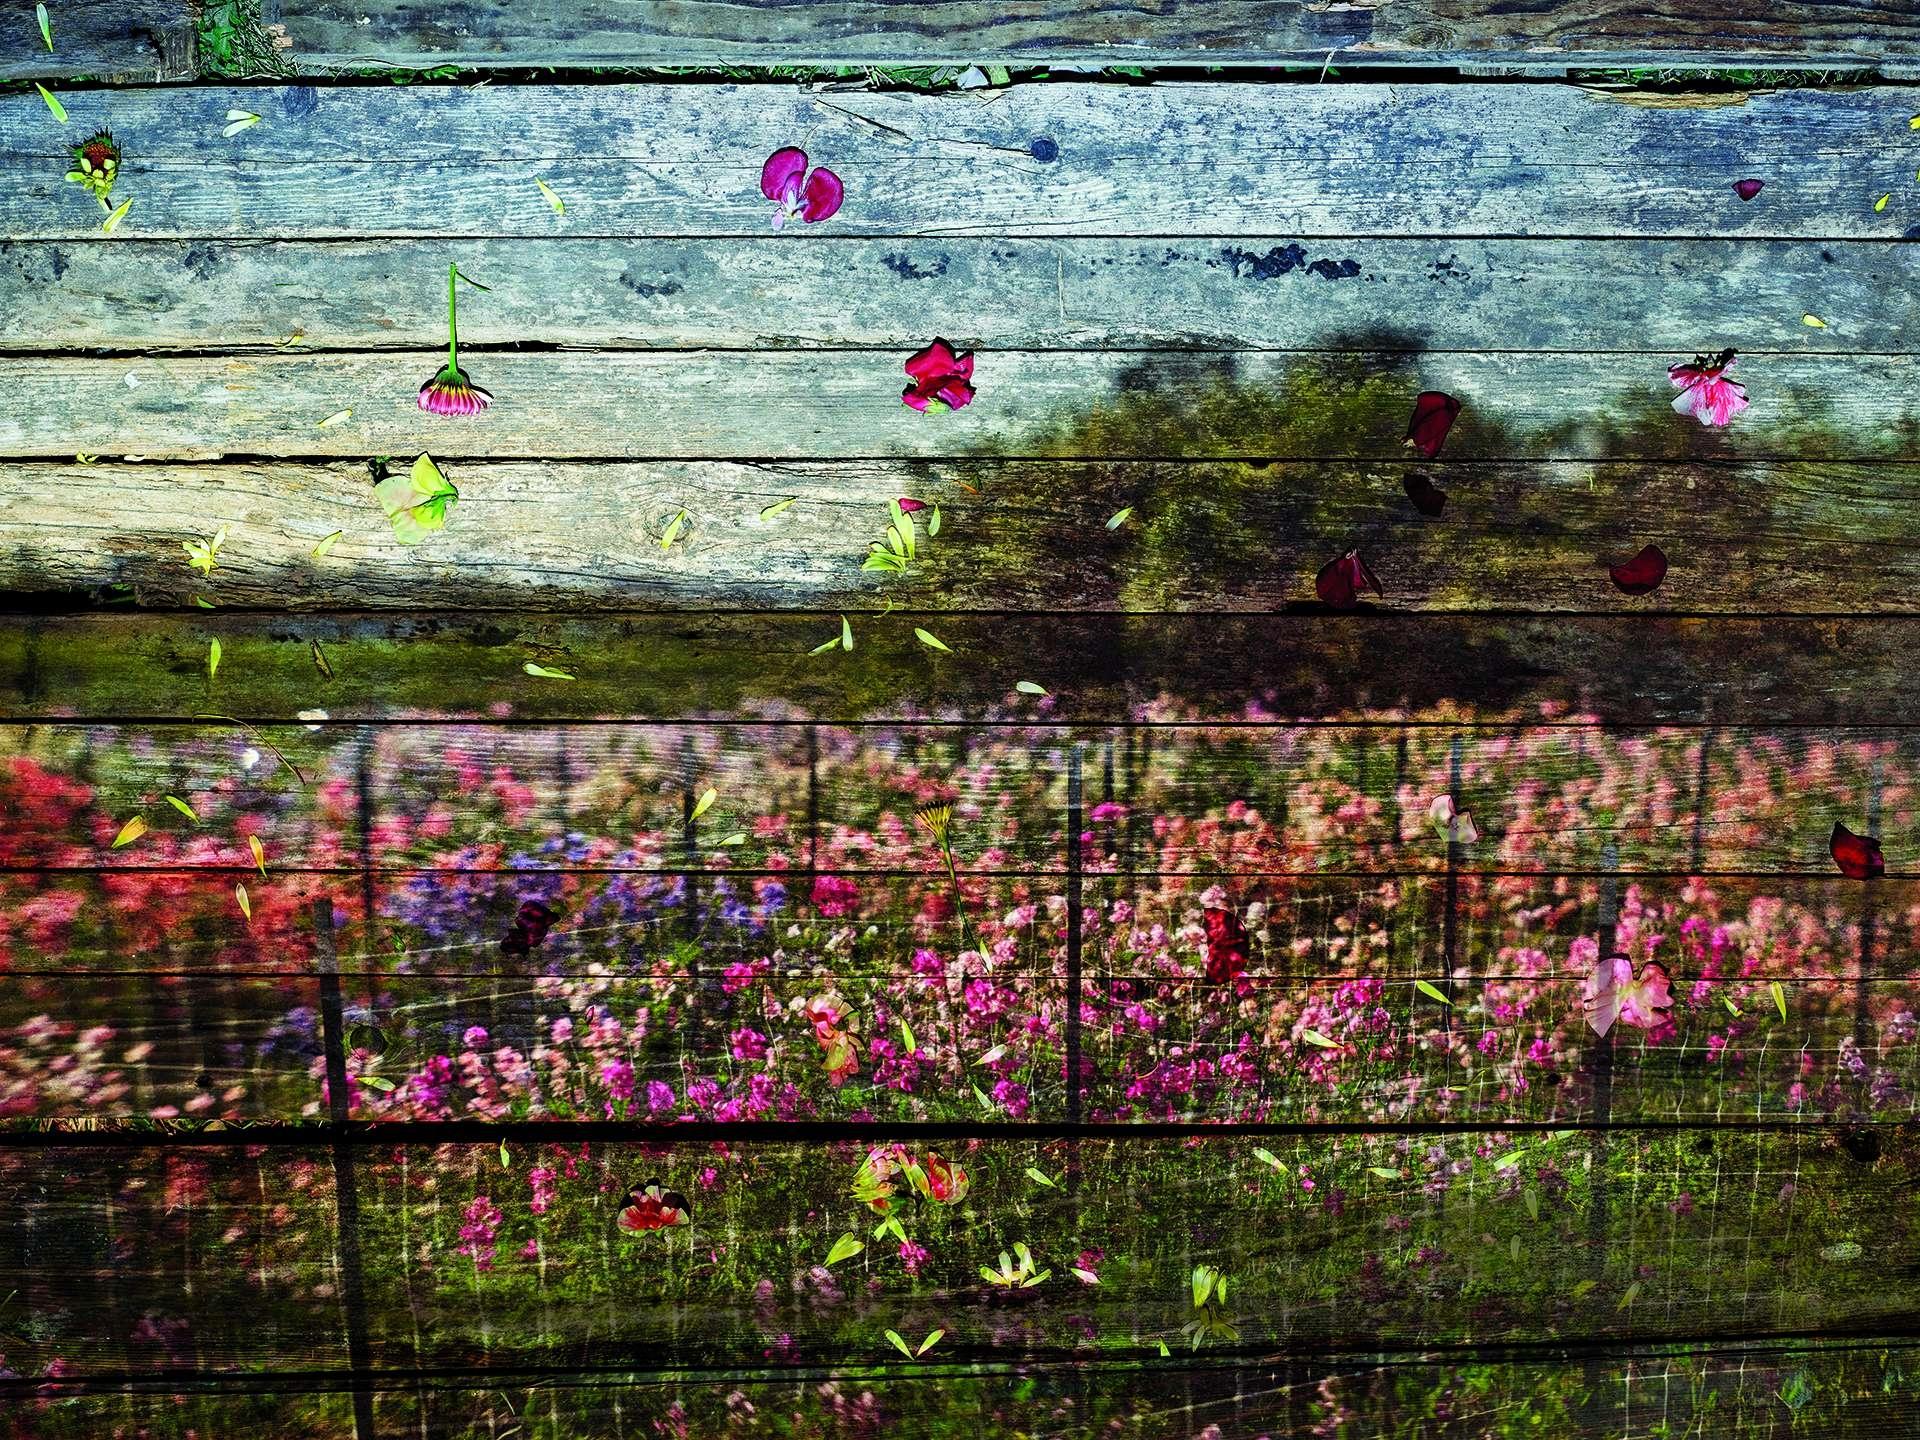 追求以原創手法拍攝花朵的阿貝拉多.莫瑞爾,將一片地景投射到一片老舊的門板上。攝影:阿貝拉多.莫瑞爾